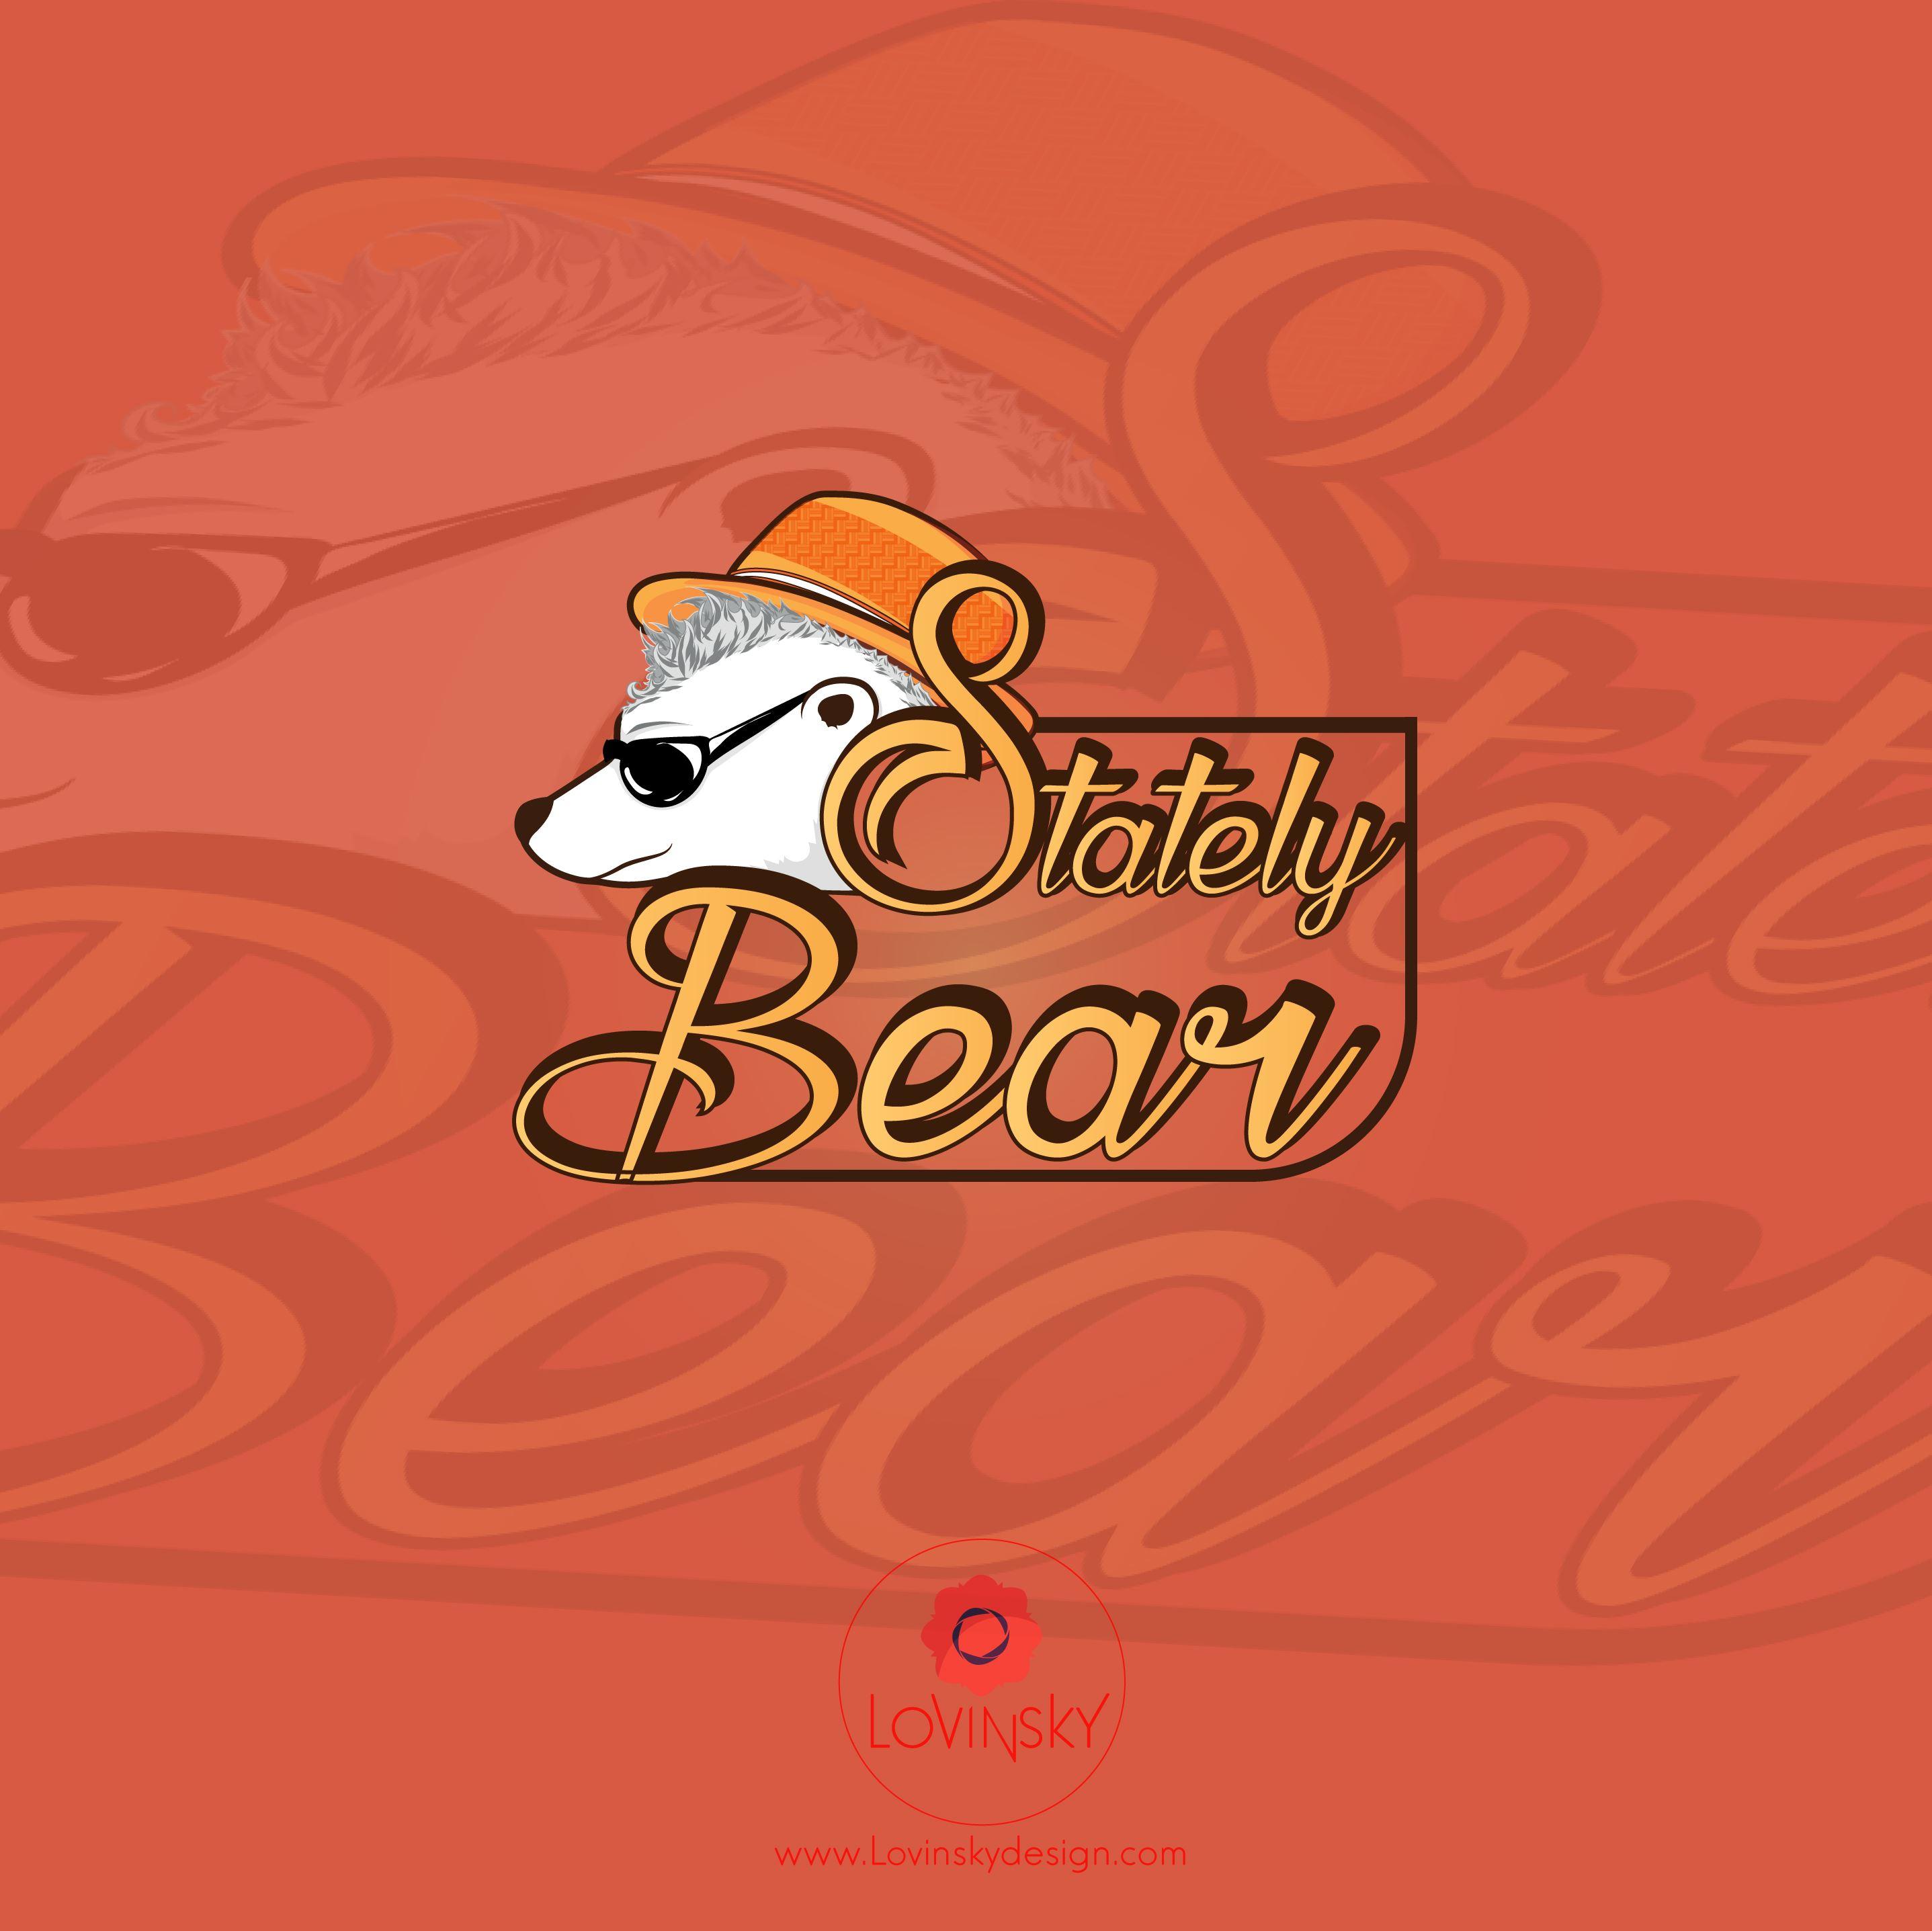 stately-bear logo lovinsky graphiste webdesigner freelance nantes 44